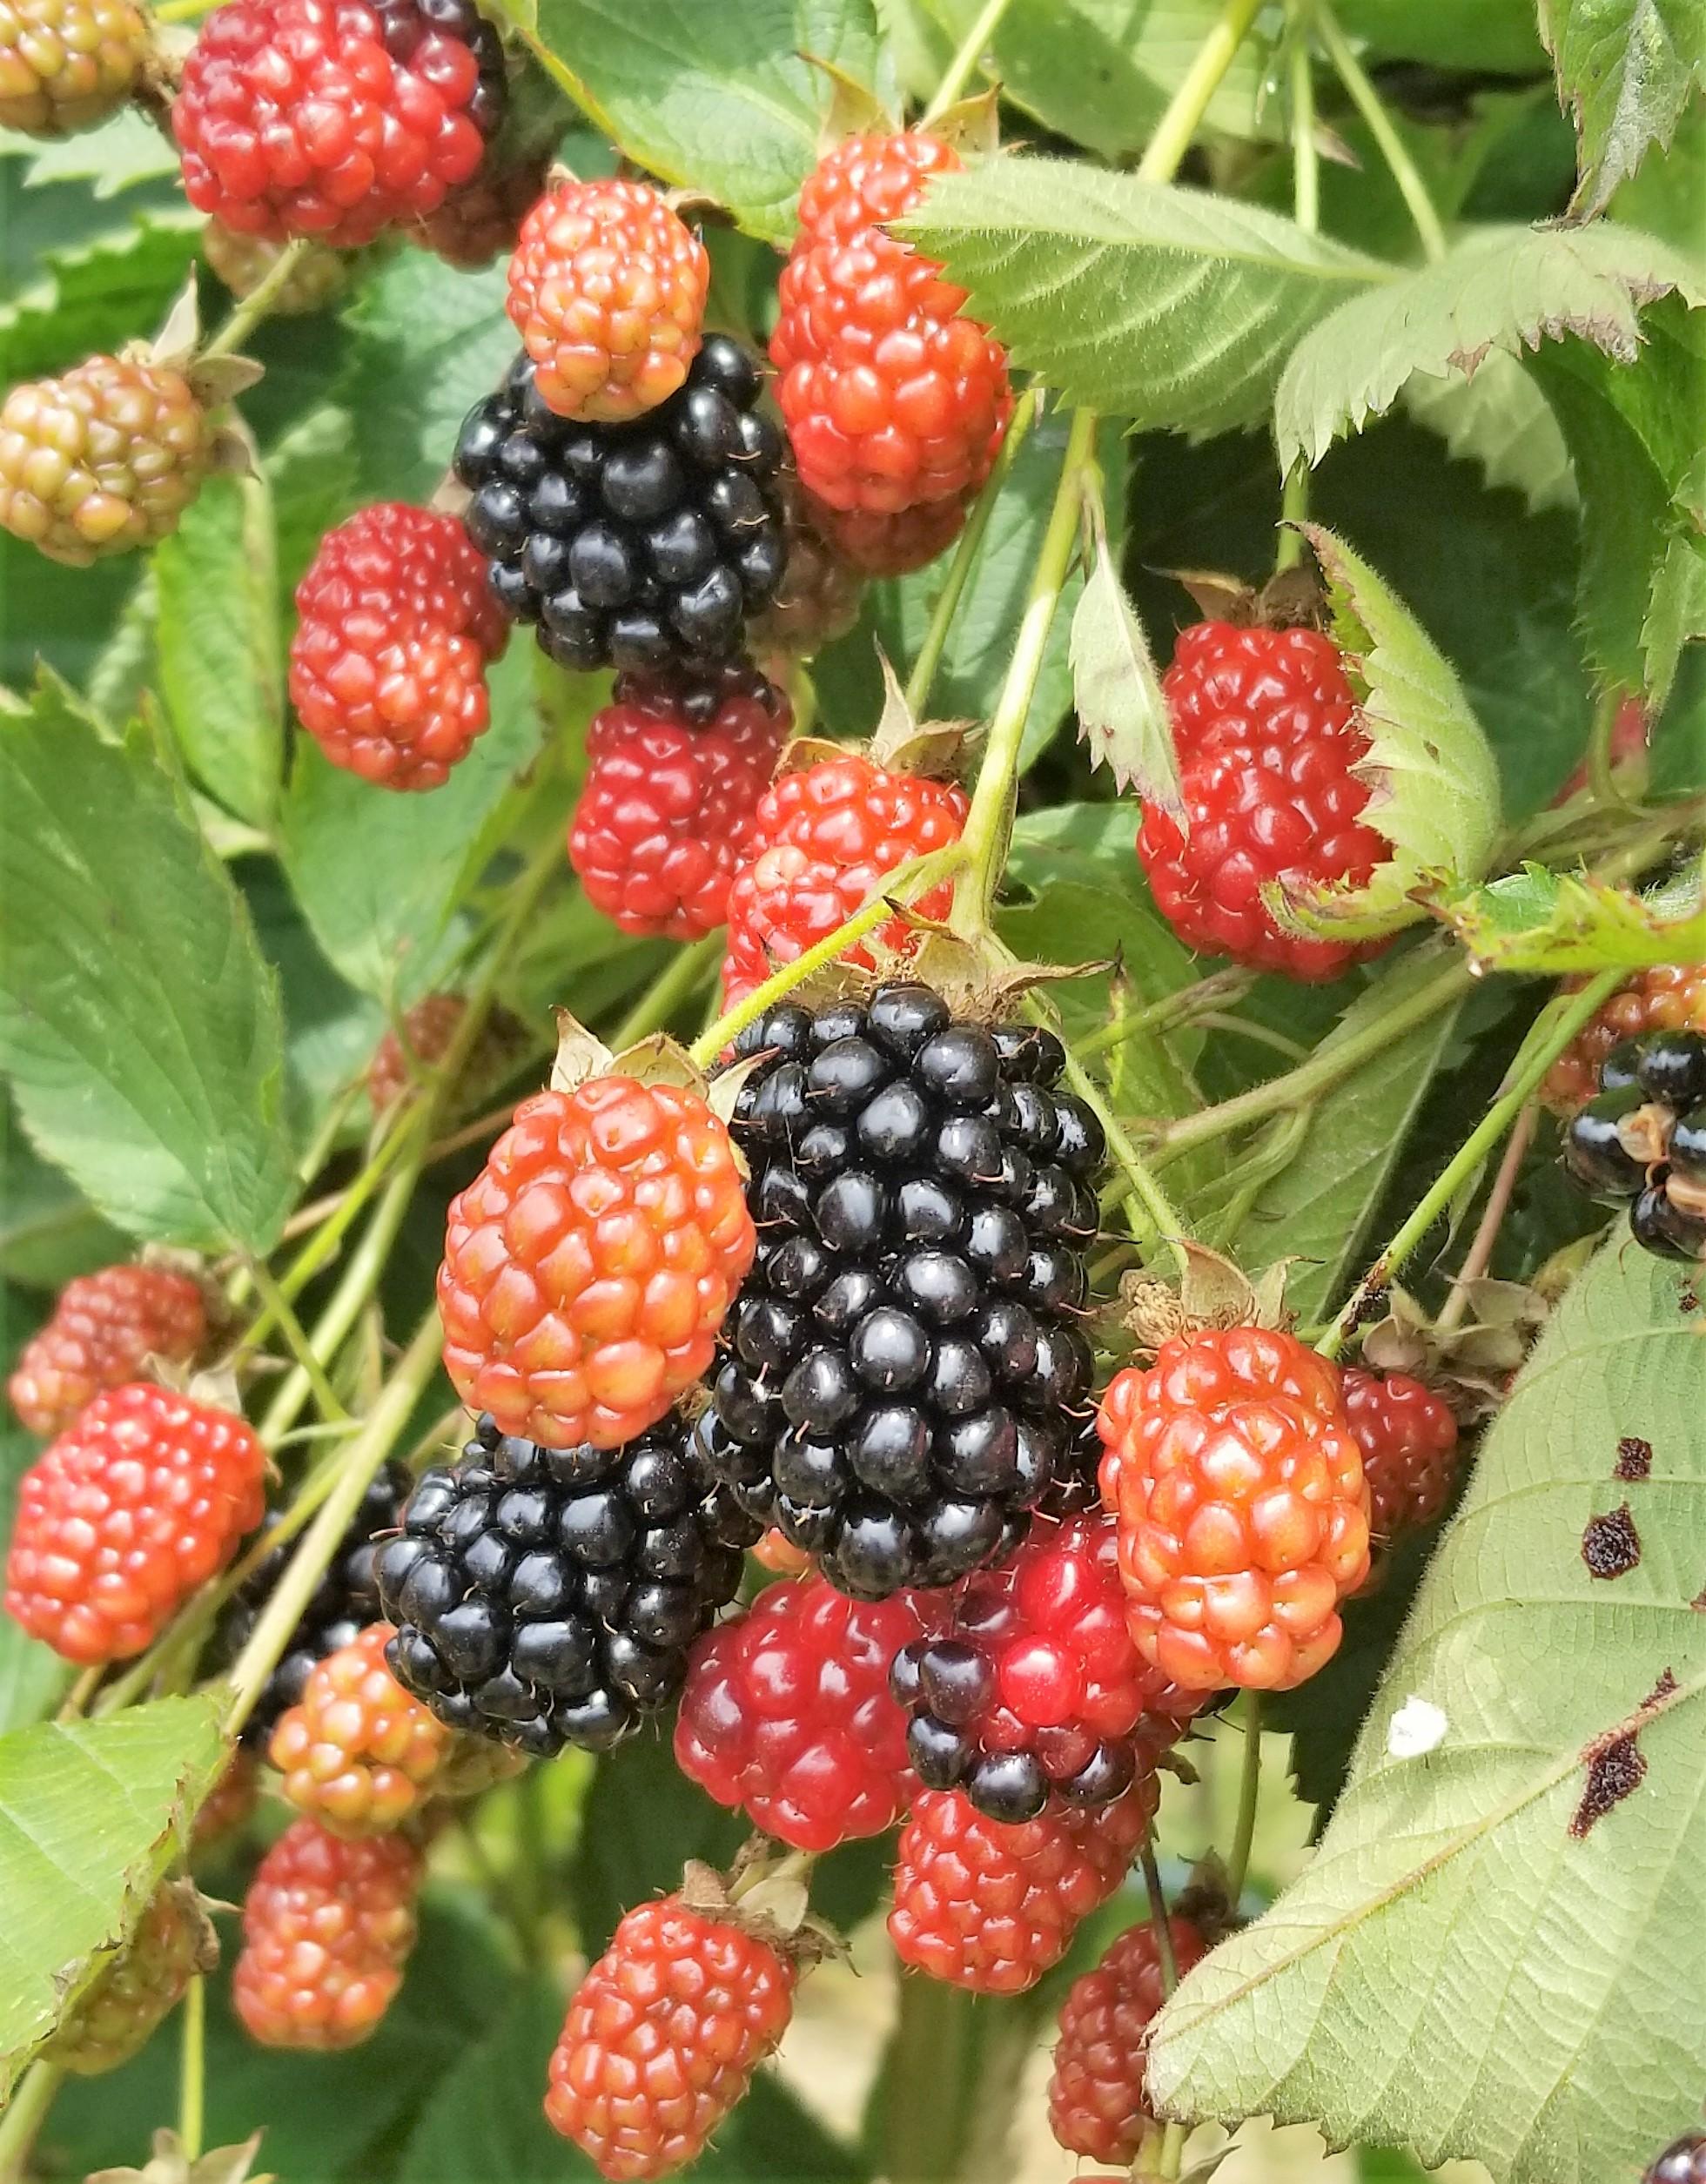 Ripe, juicy blackberries!